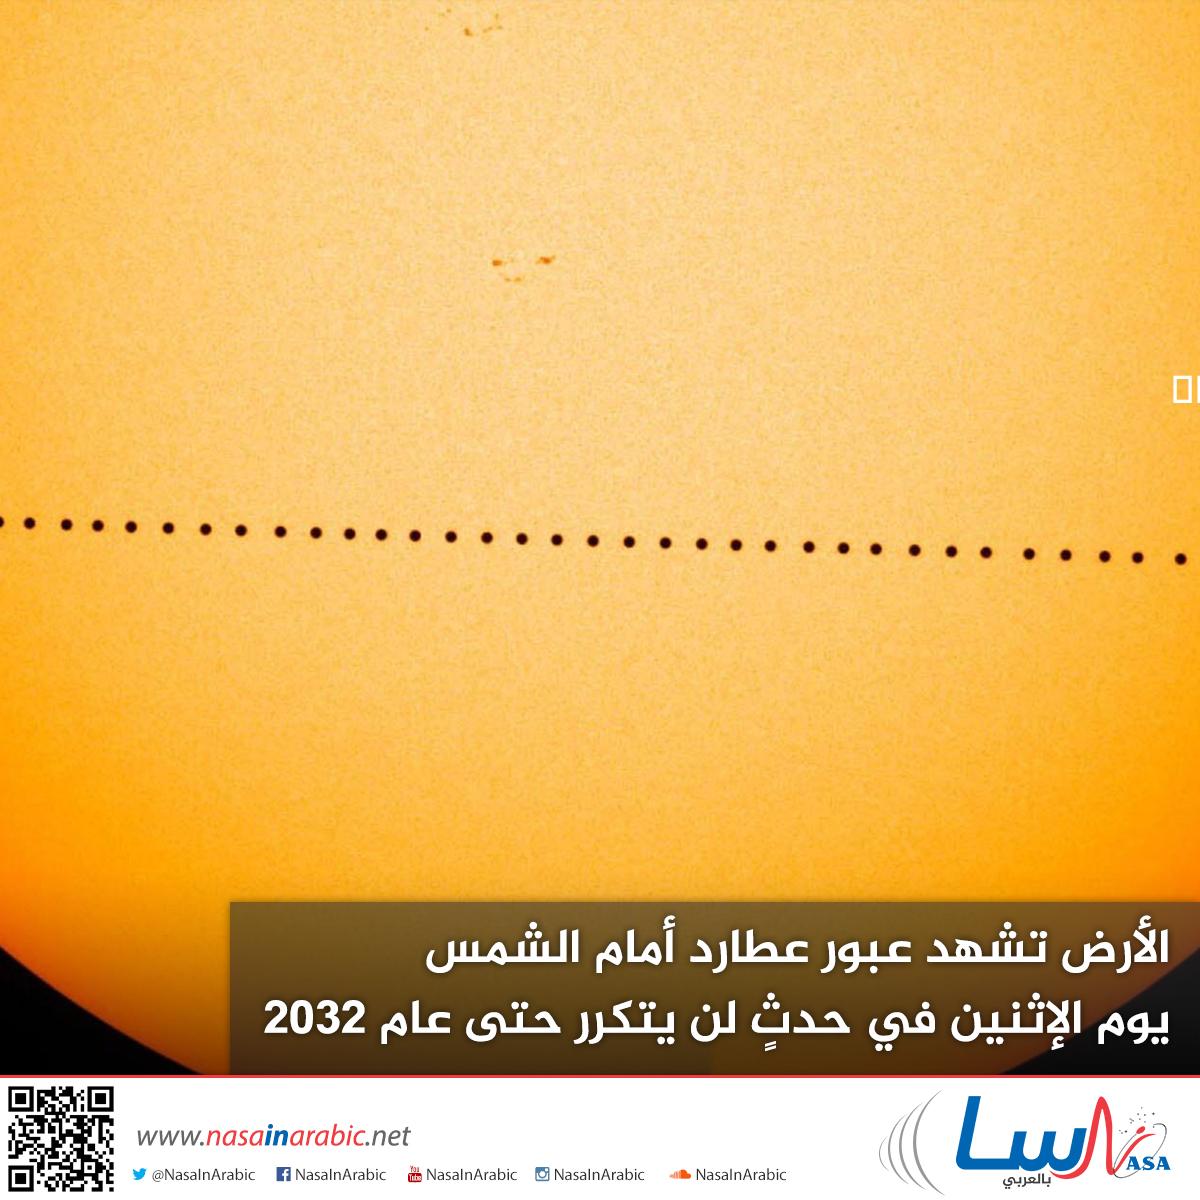 الأرض تشهد عبور عطارد أمام الشمس يوم الإثنين في حدثٍ لن يتكرر حتى عام 2032